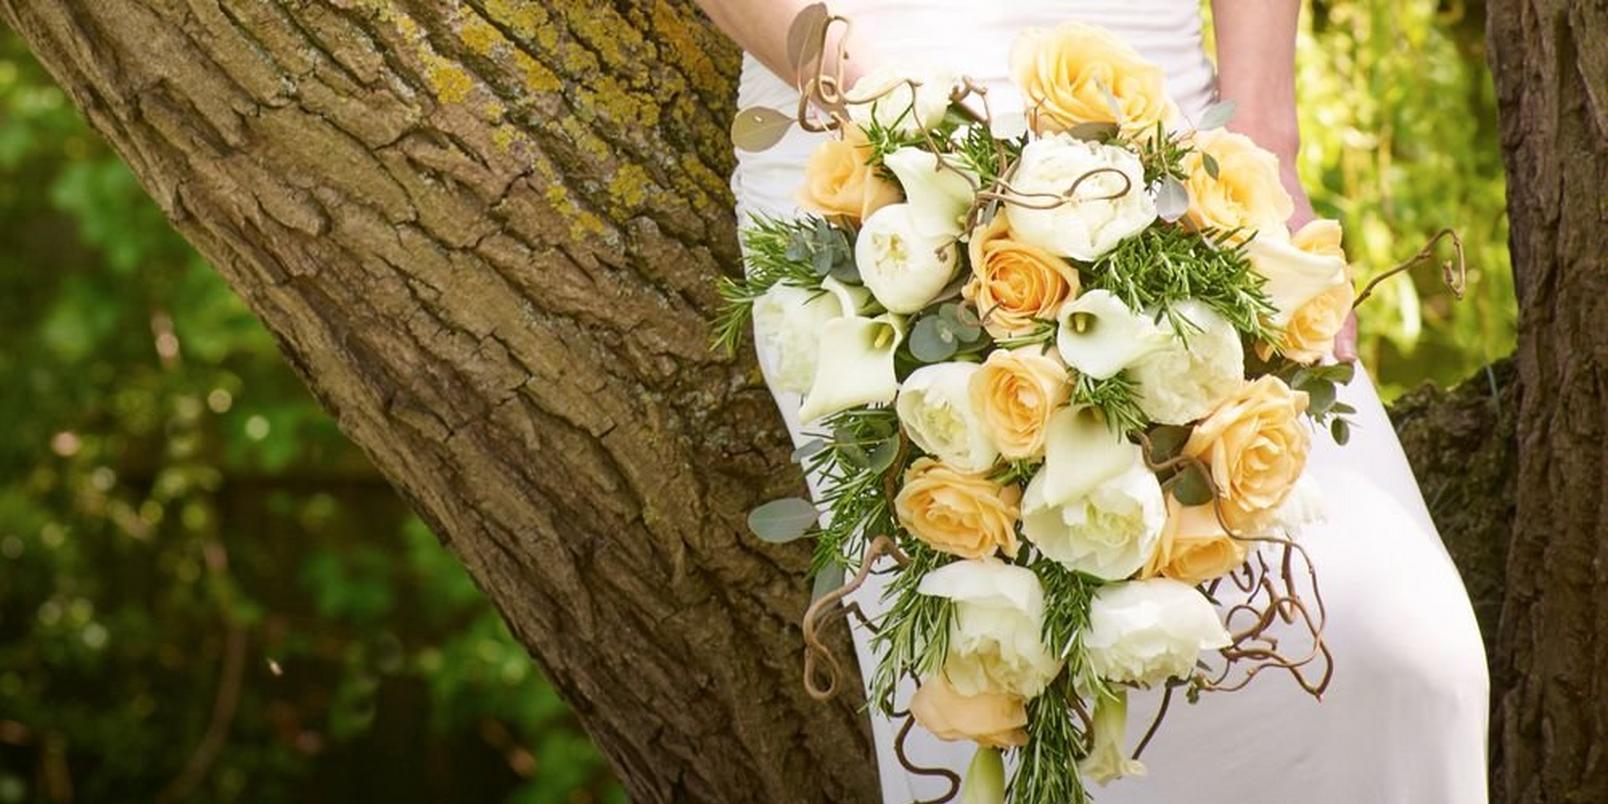 spring wedding flowers - heavenly roses